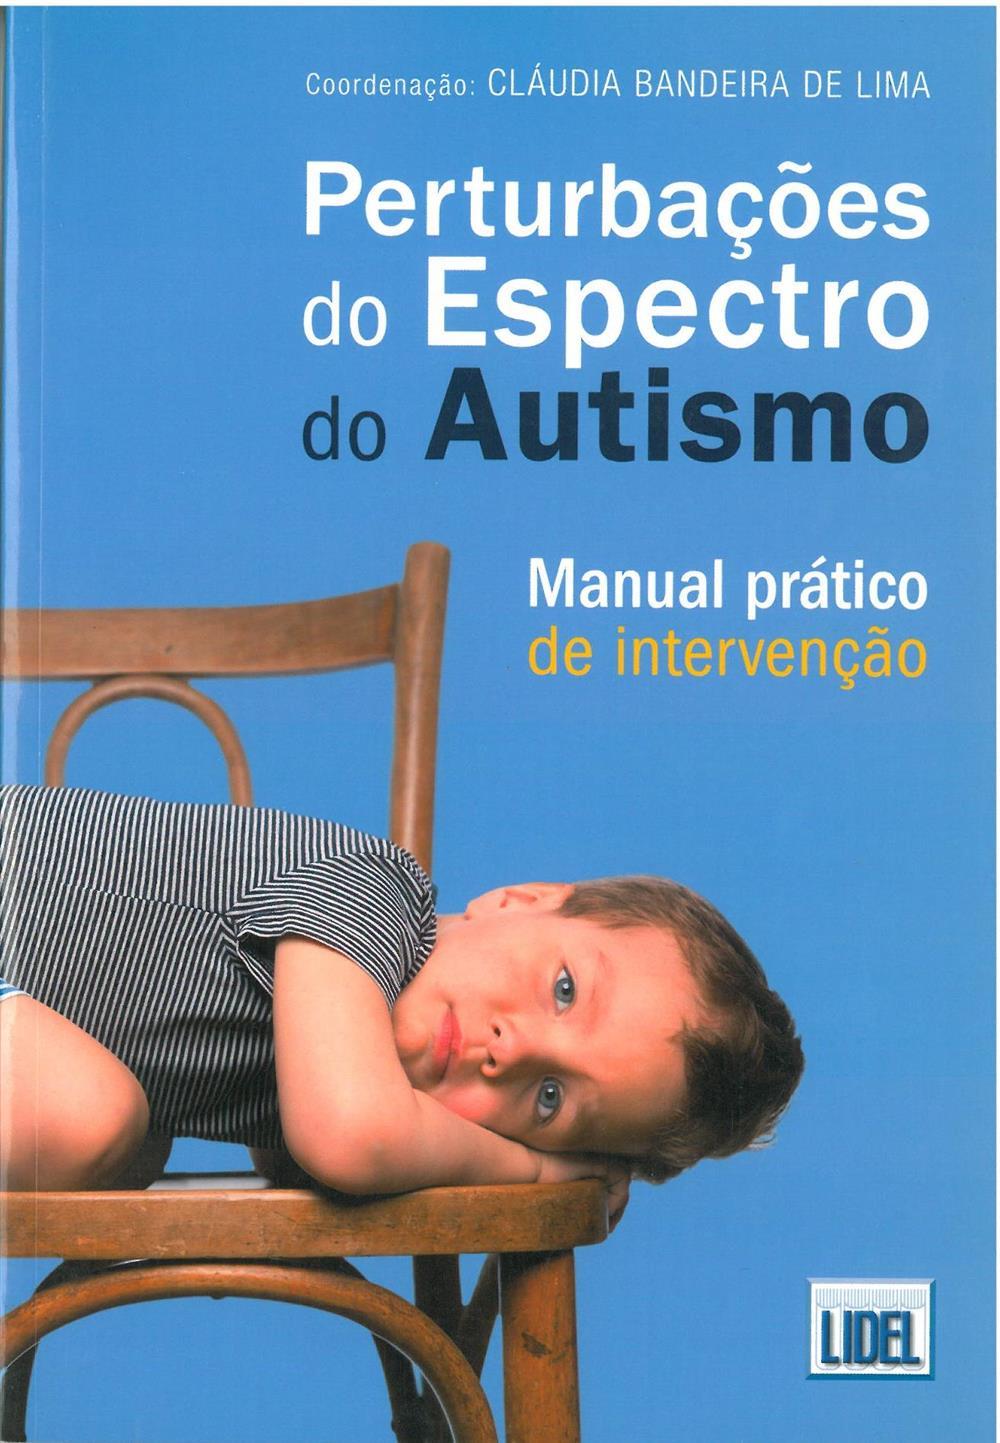 Perturbações do espectro do autismo_.jpg